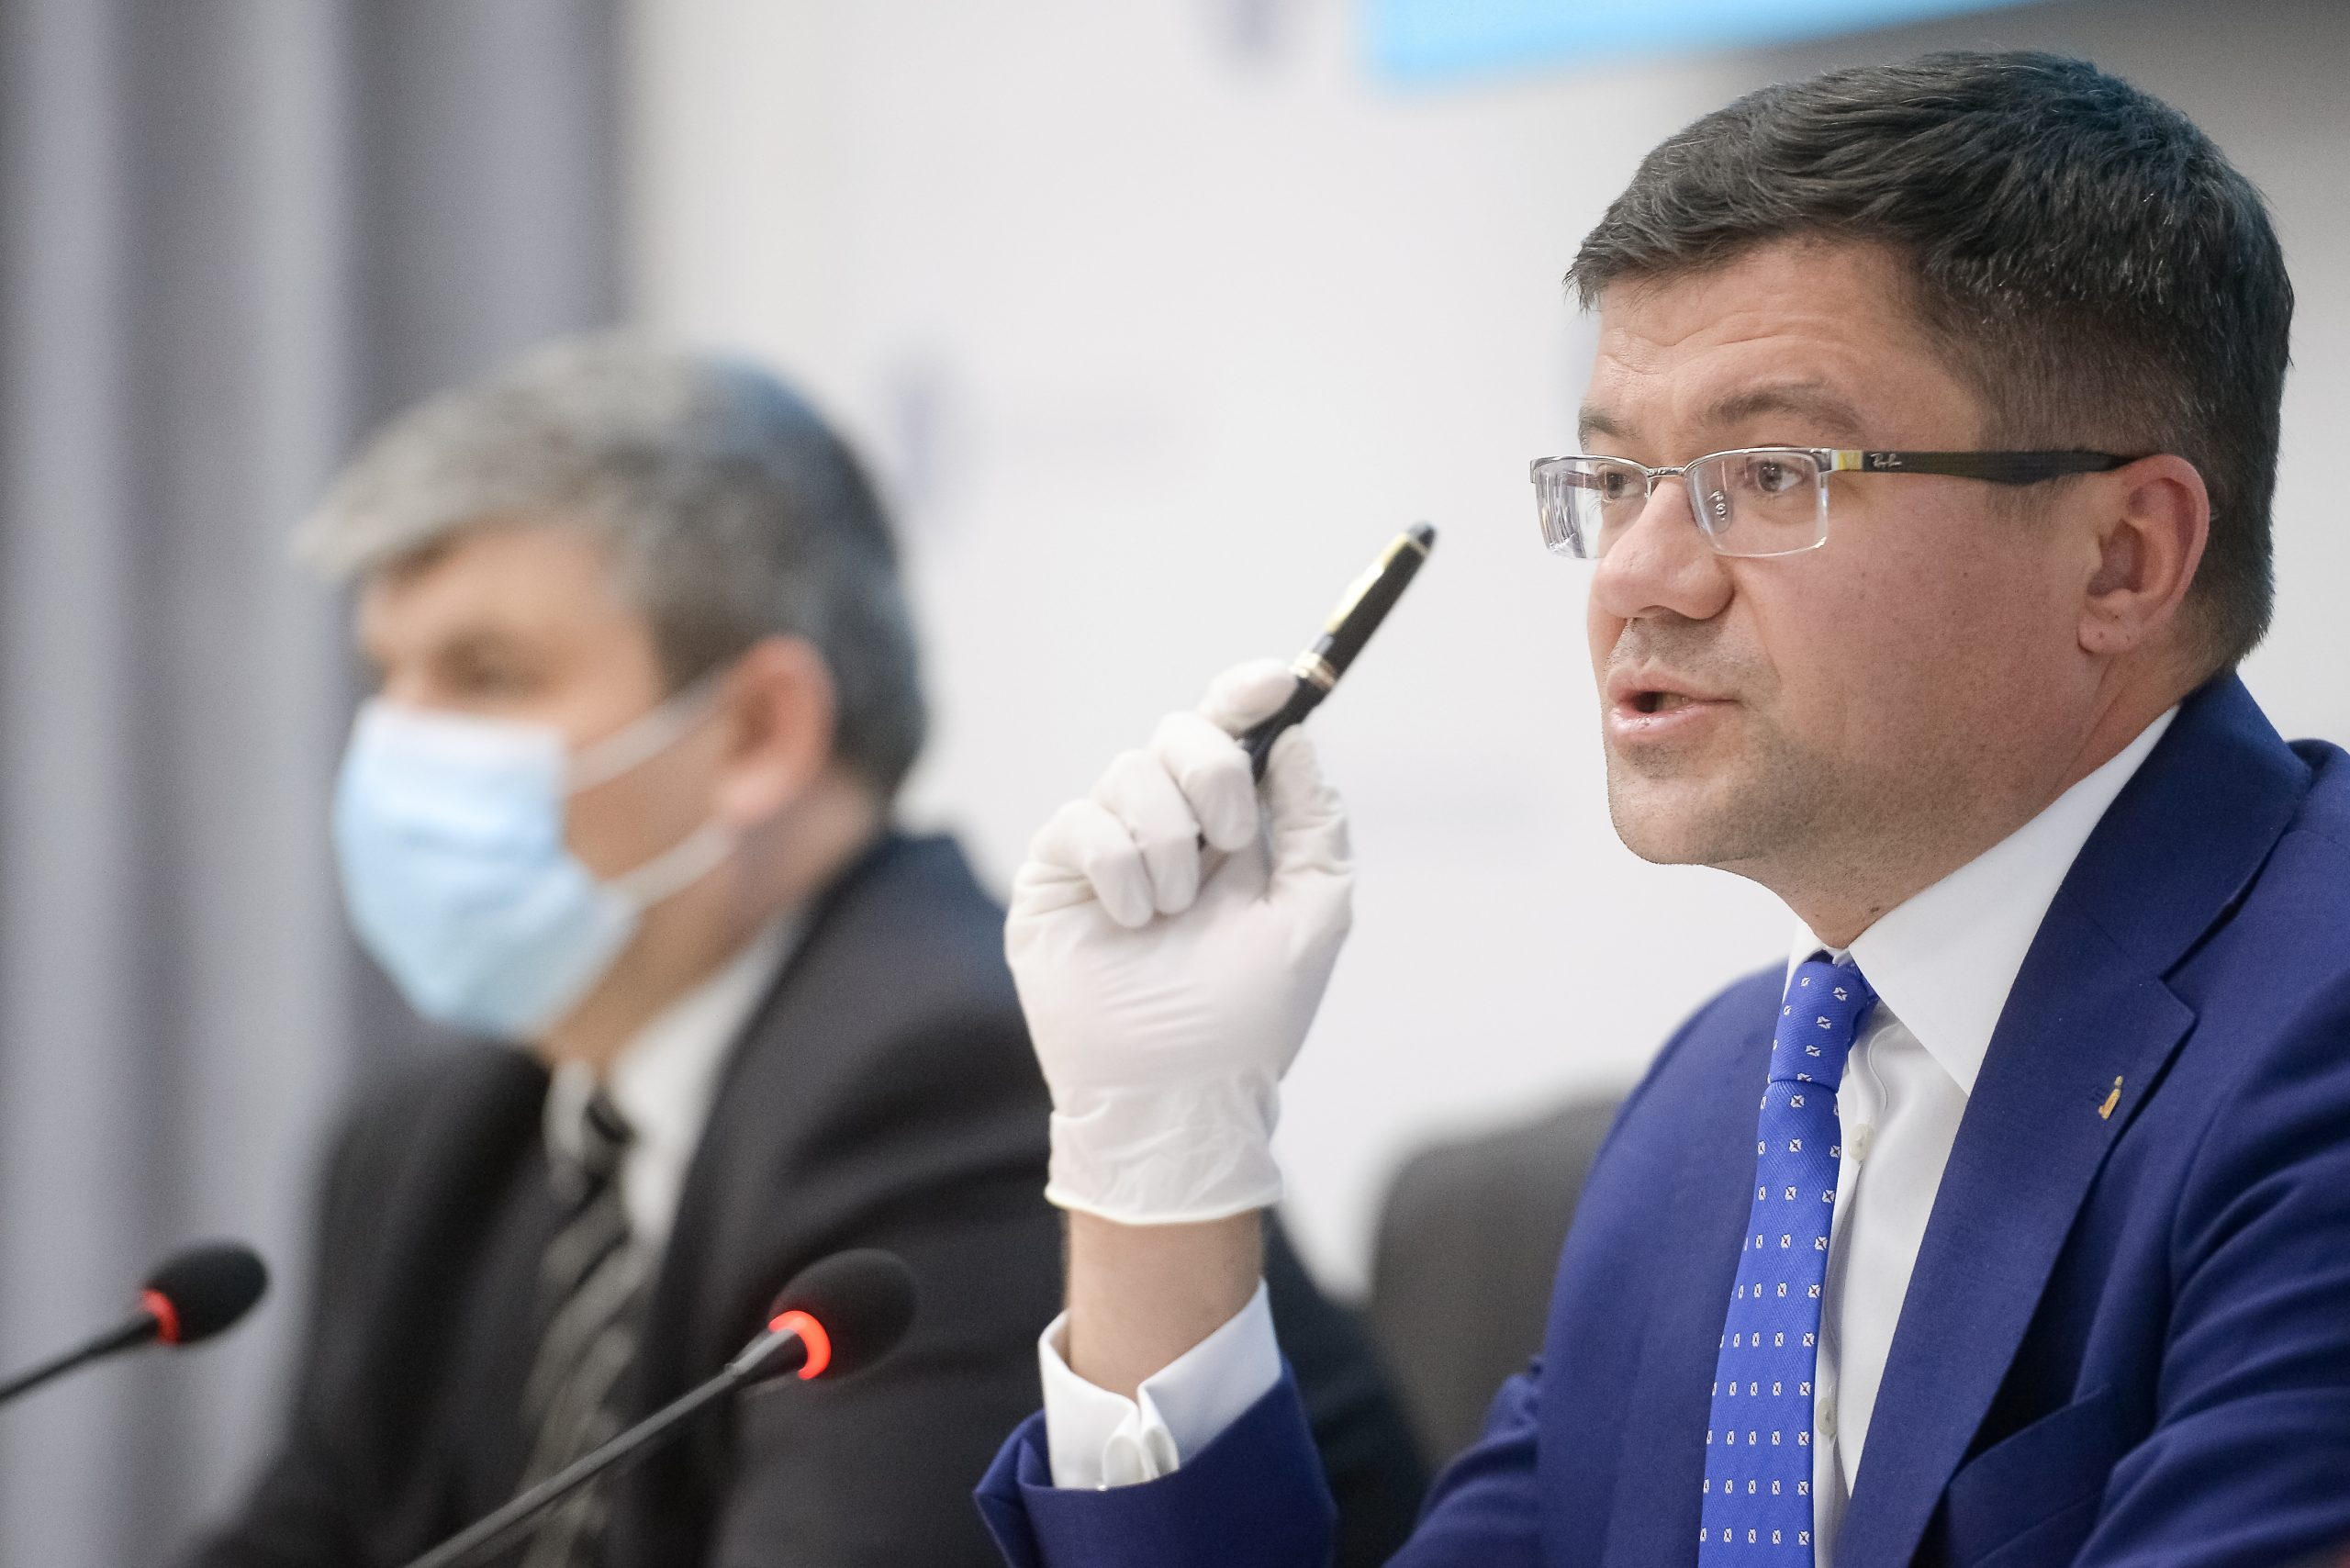 Directori silvici, schimbați politic de un secretar de stat din Ministerul Mediului care îi șantaja /Florin Cîțu anunță că liberalul și-a dat demisia